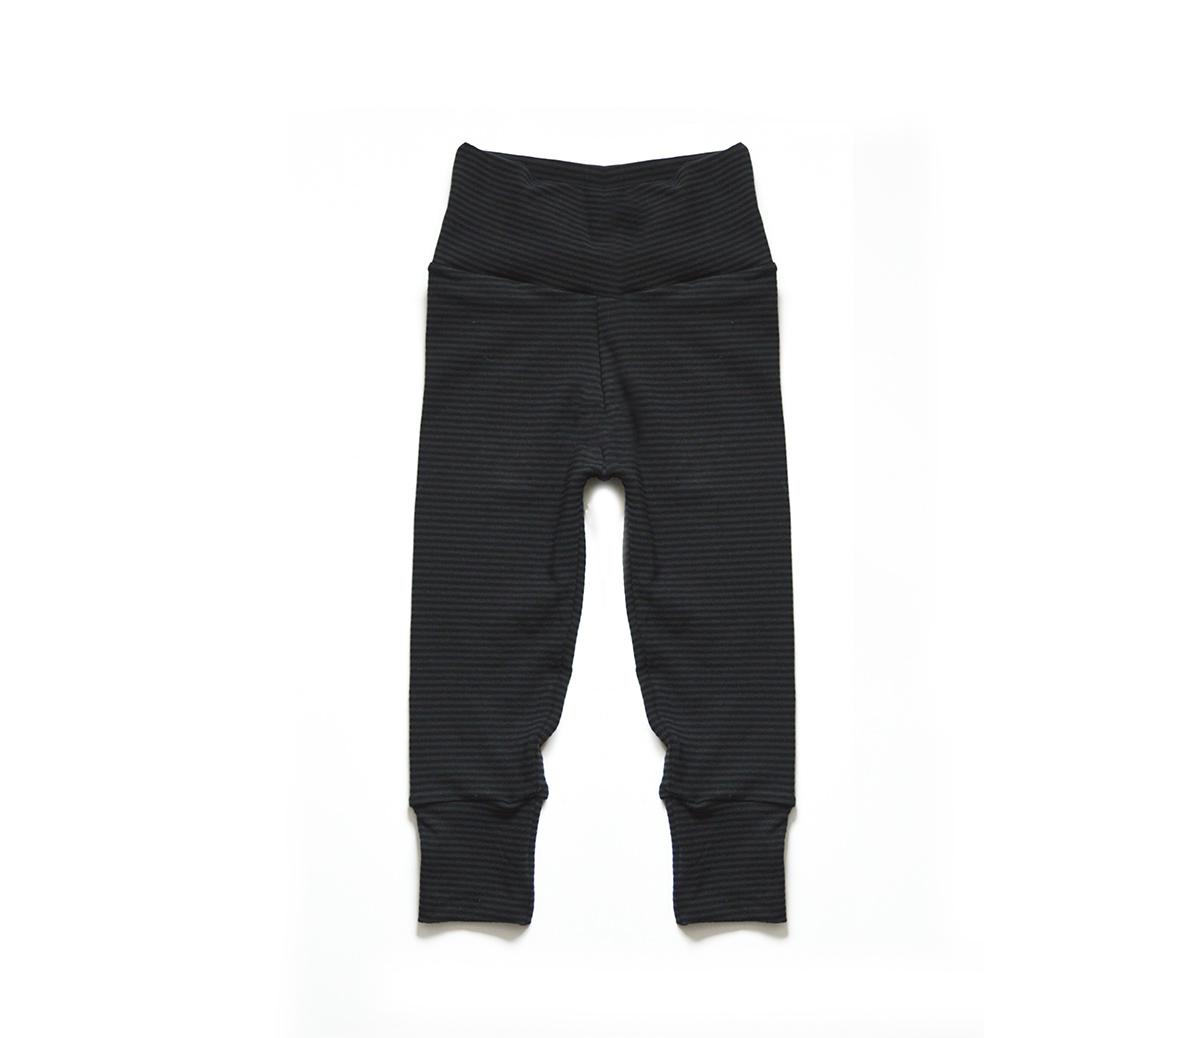 Little Sprout Pants™ Black & Charcoal Stripes - Cotton 00741